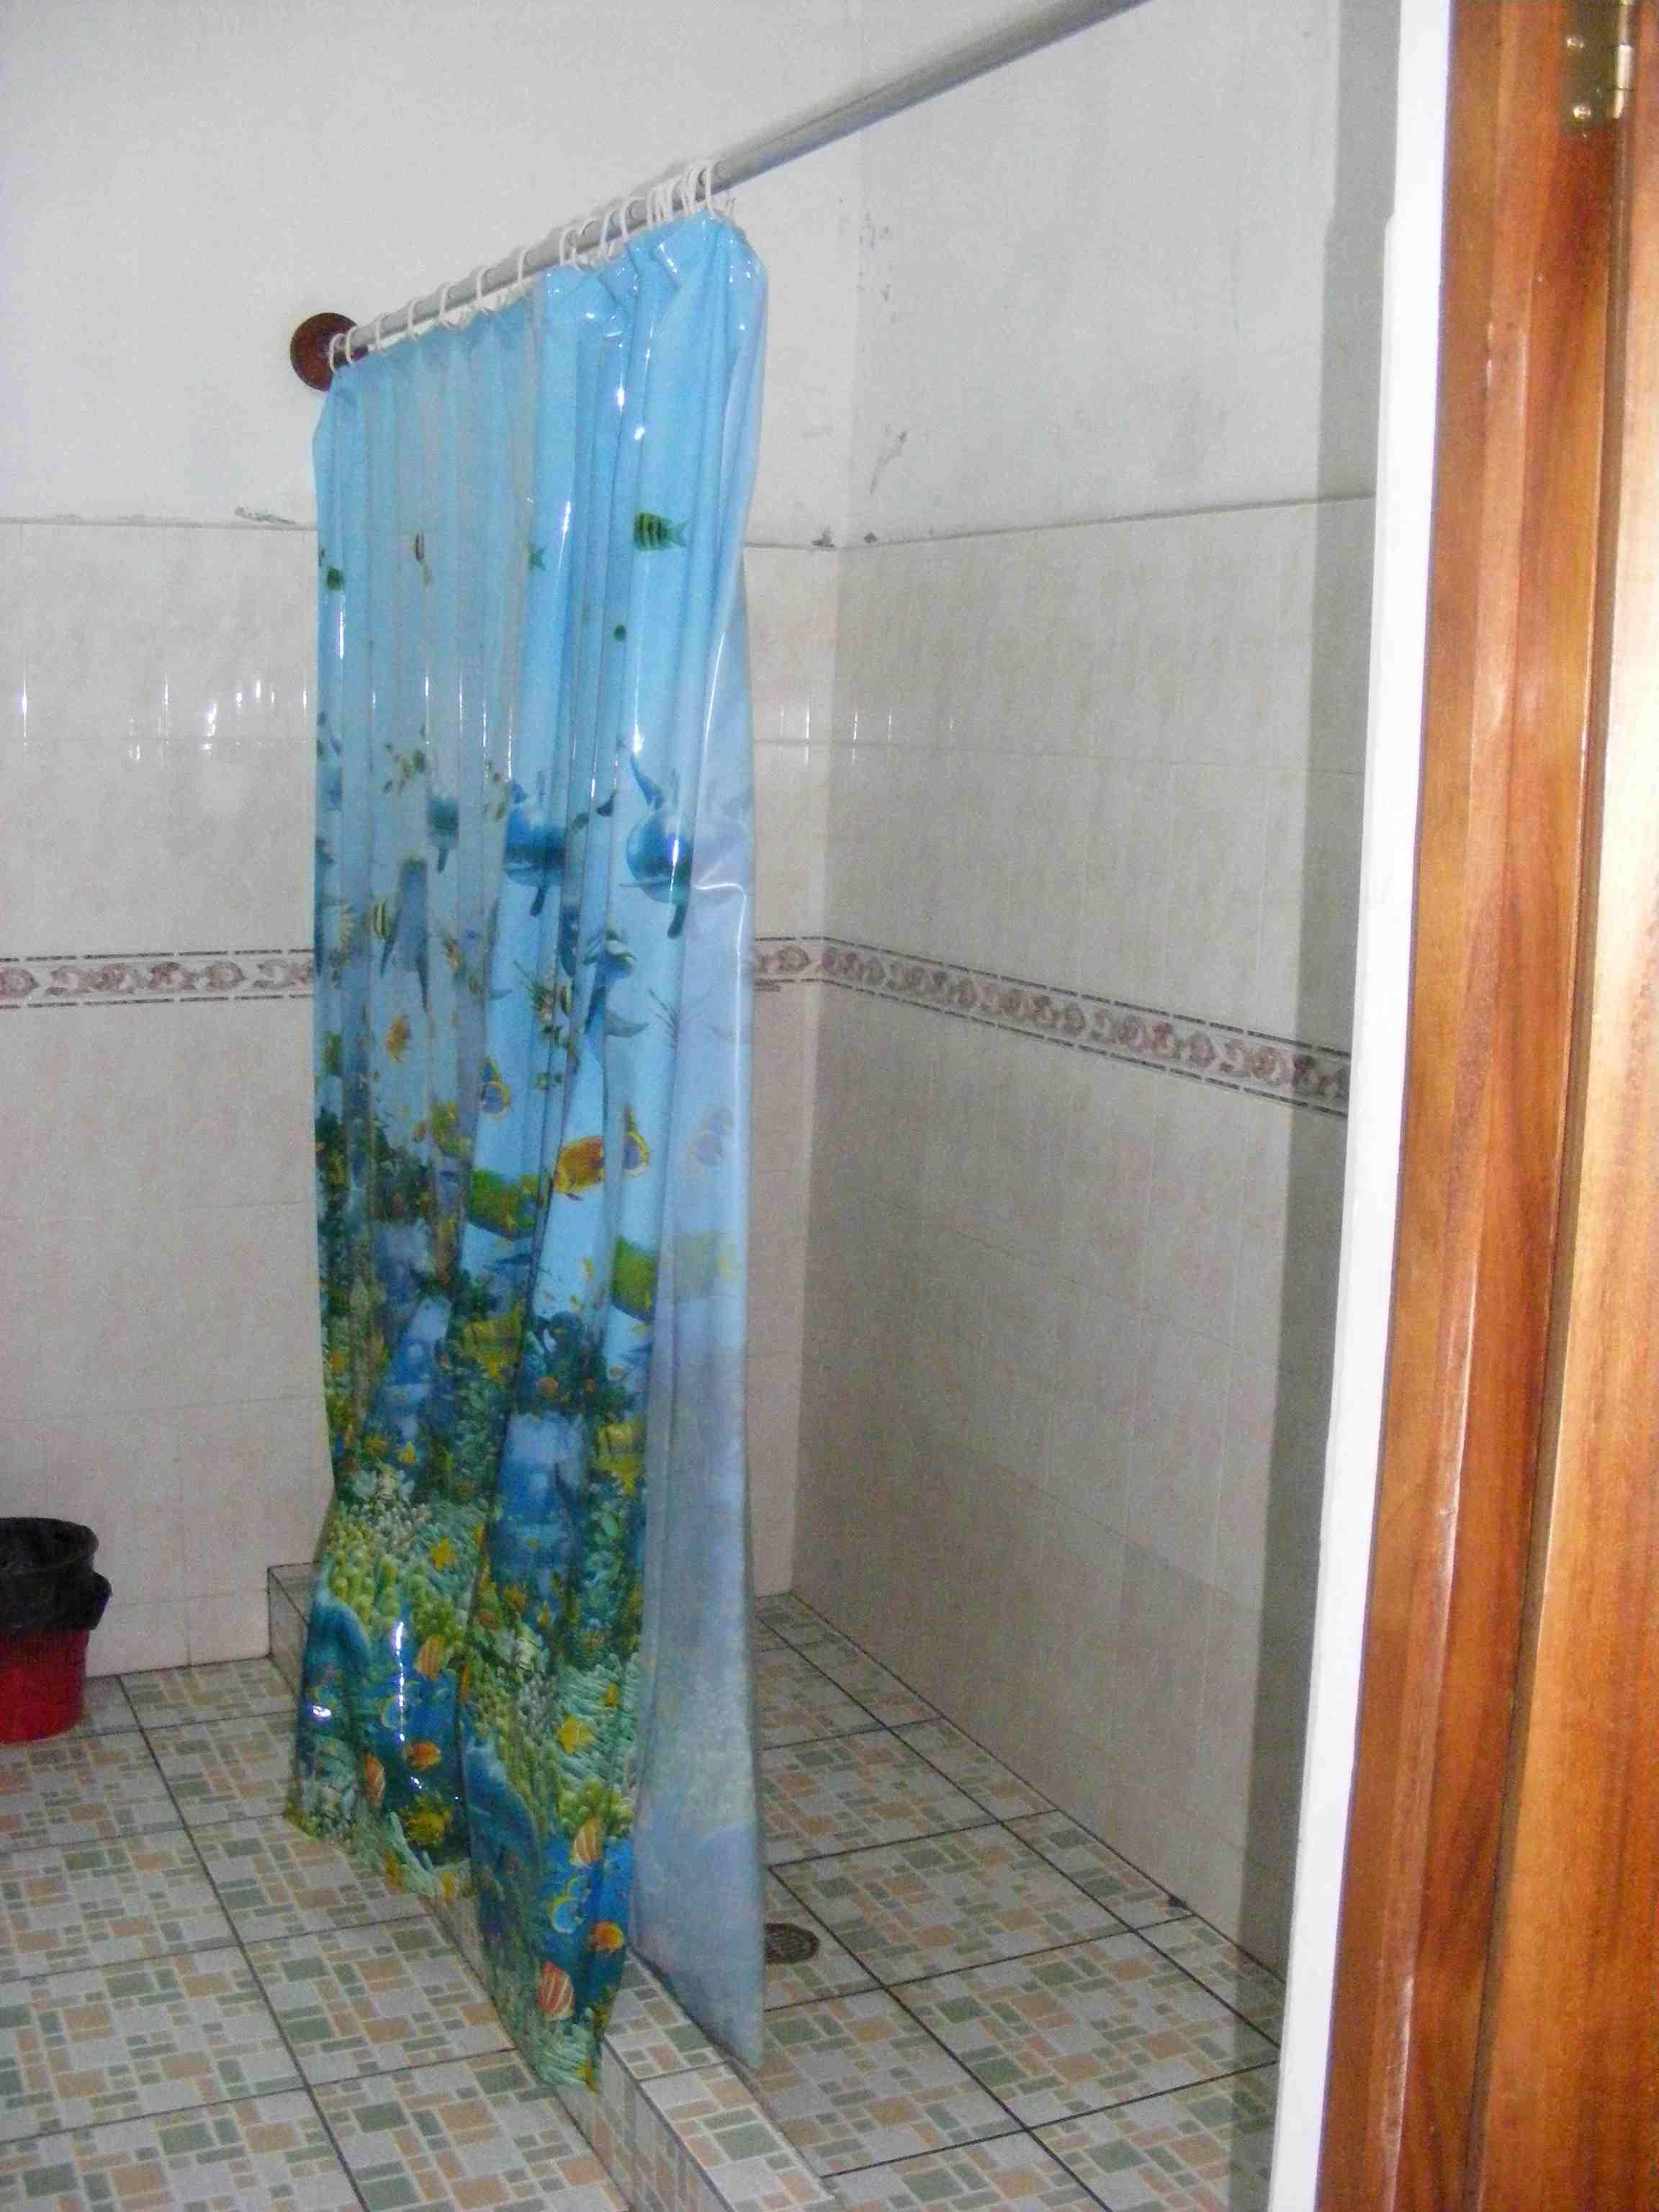 Oversized bathroom